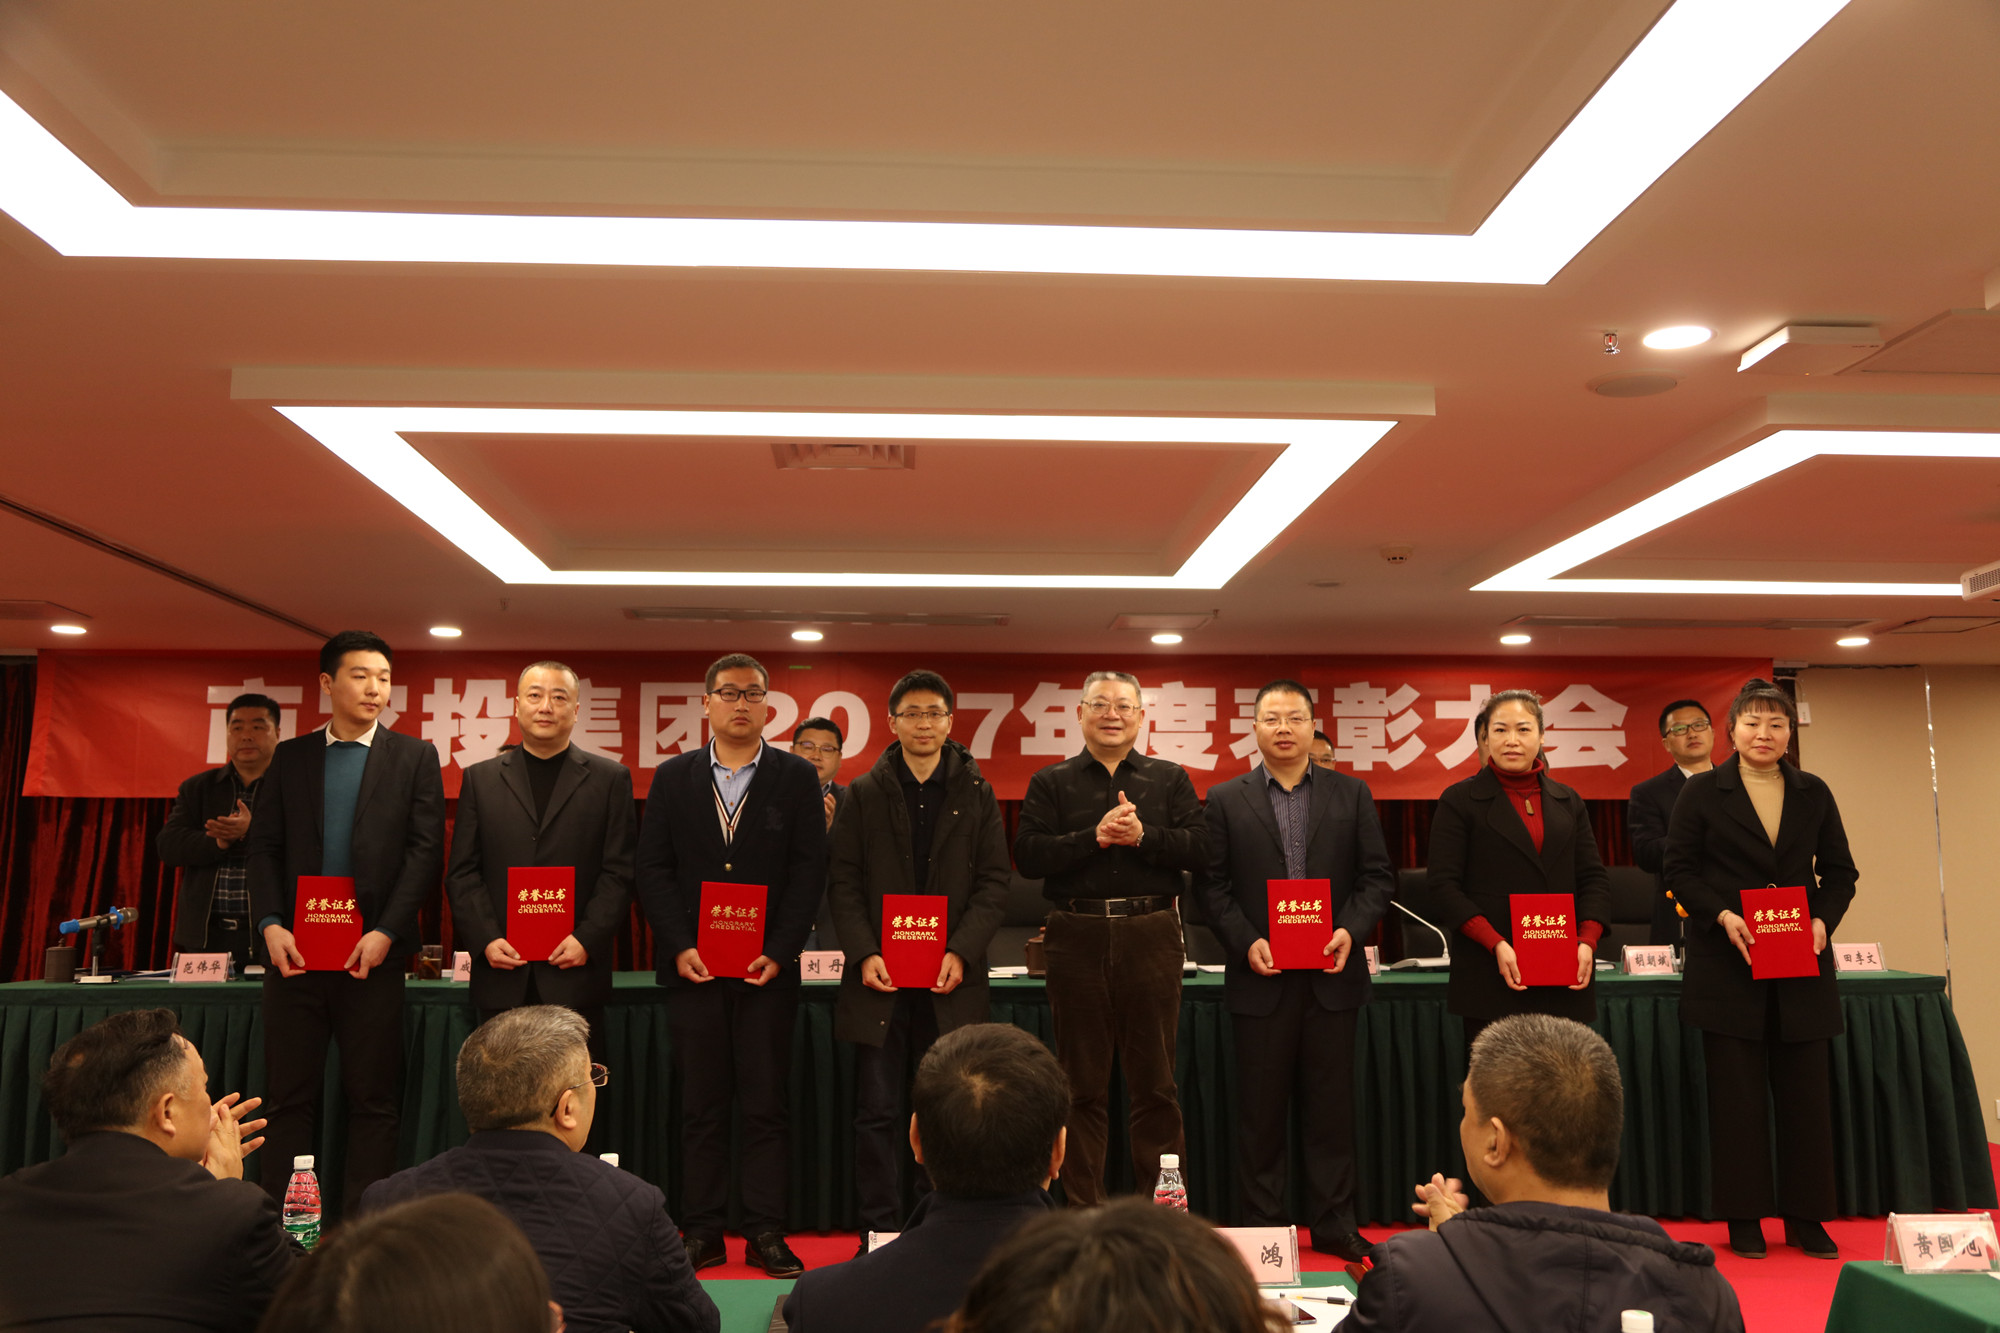 市农投集团召开2017年度表彰大会